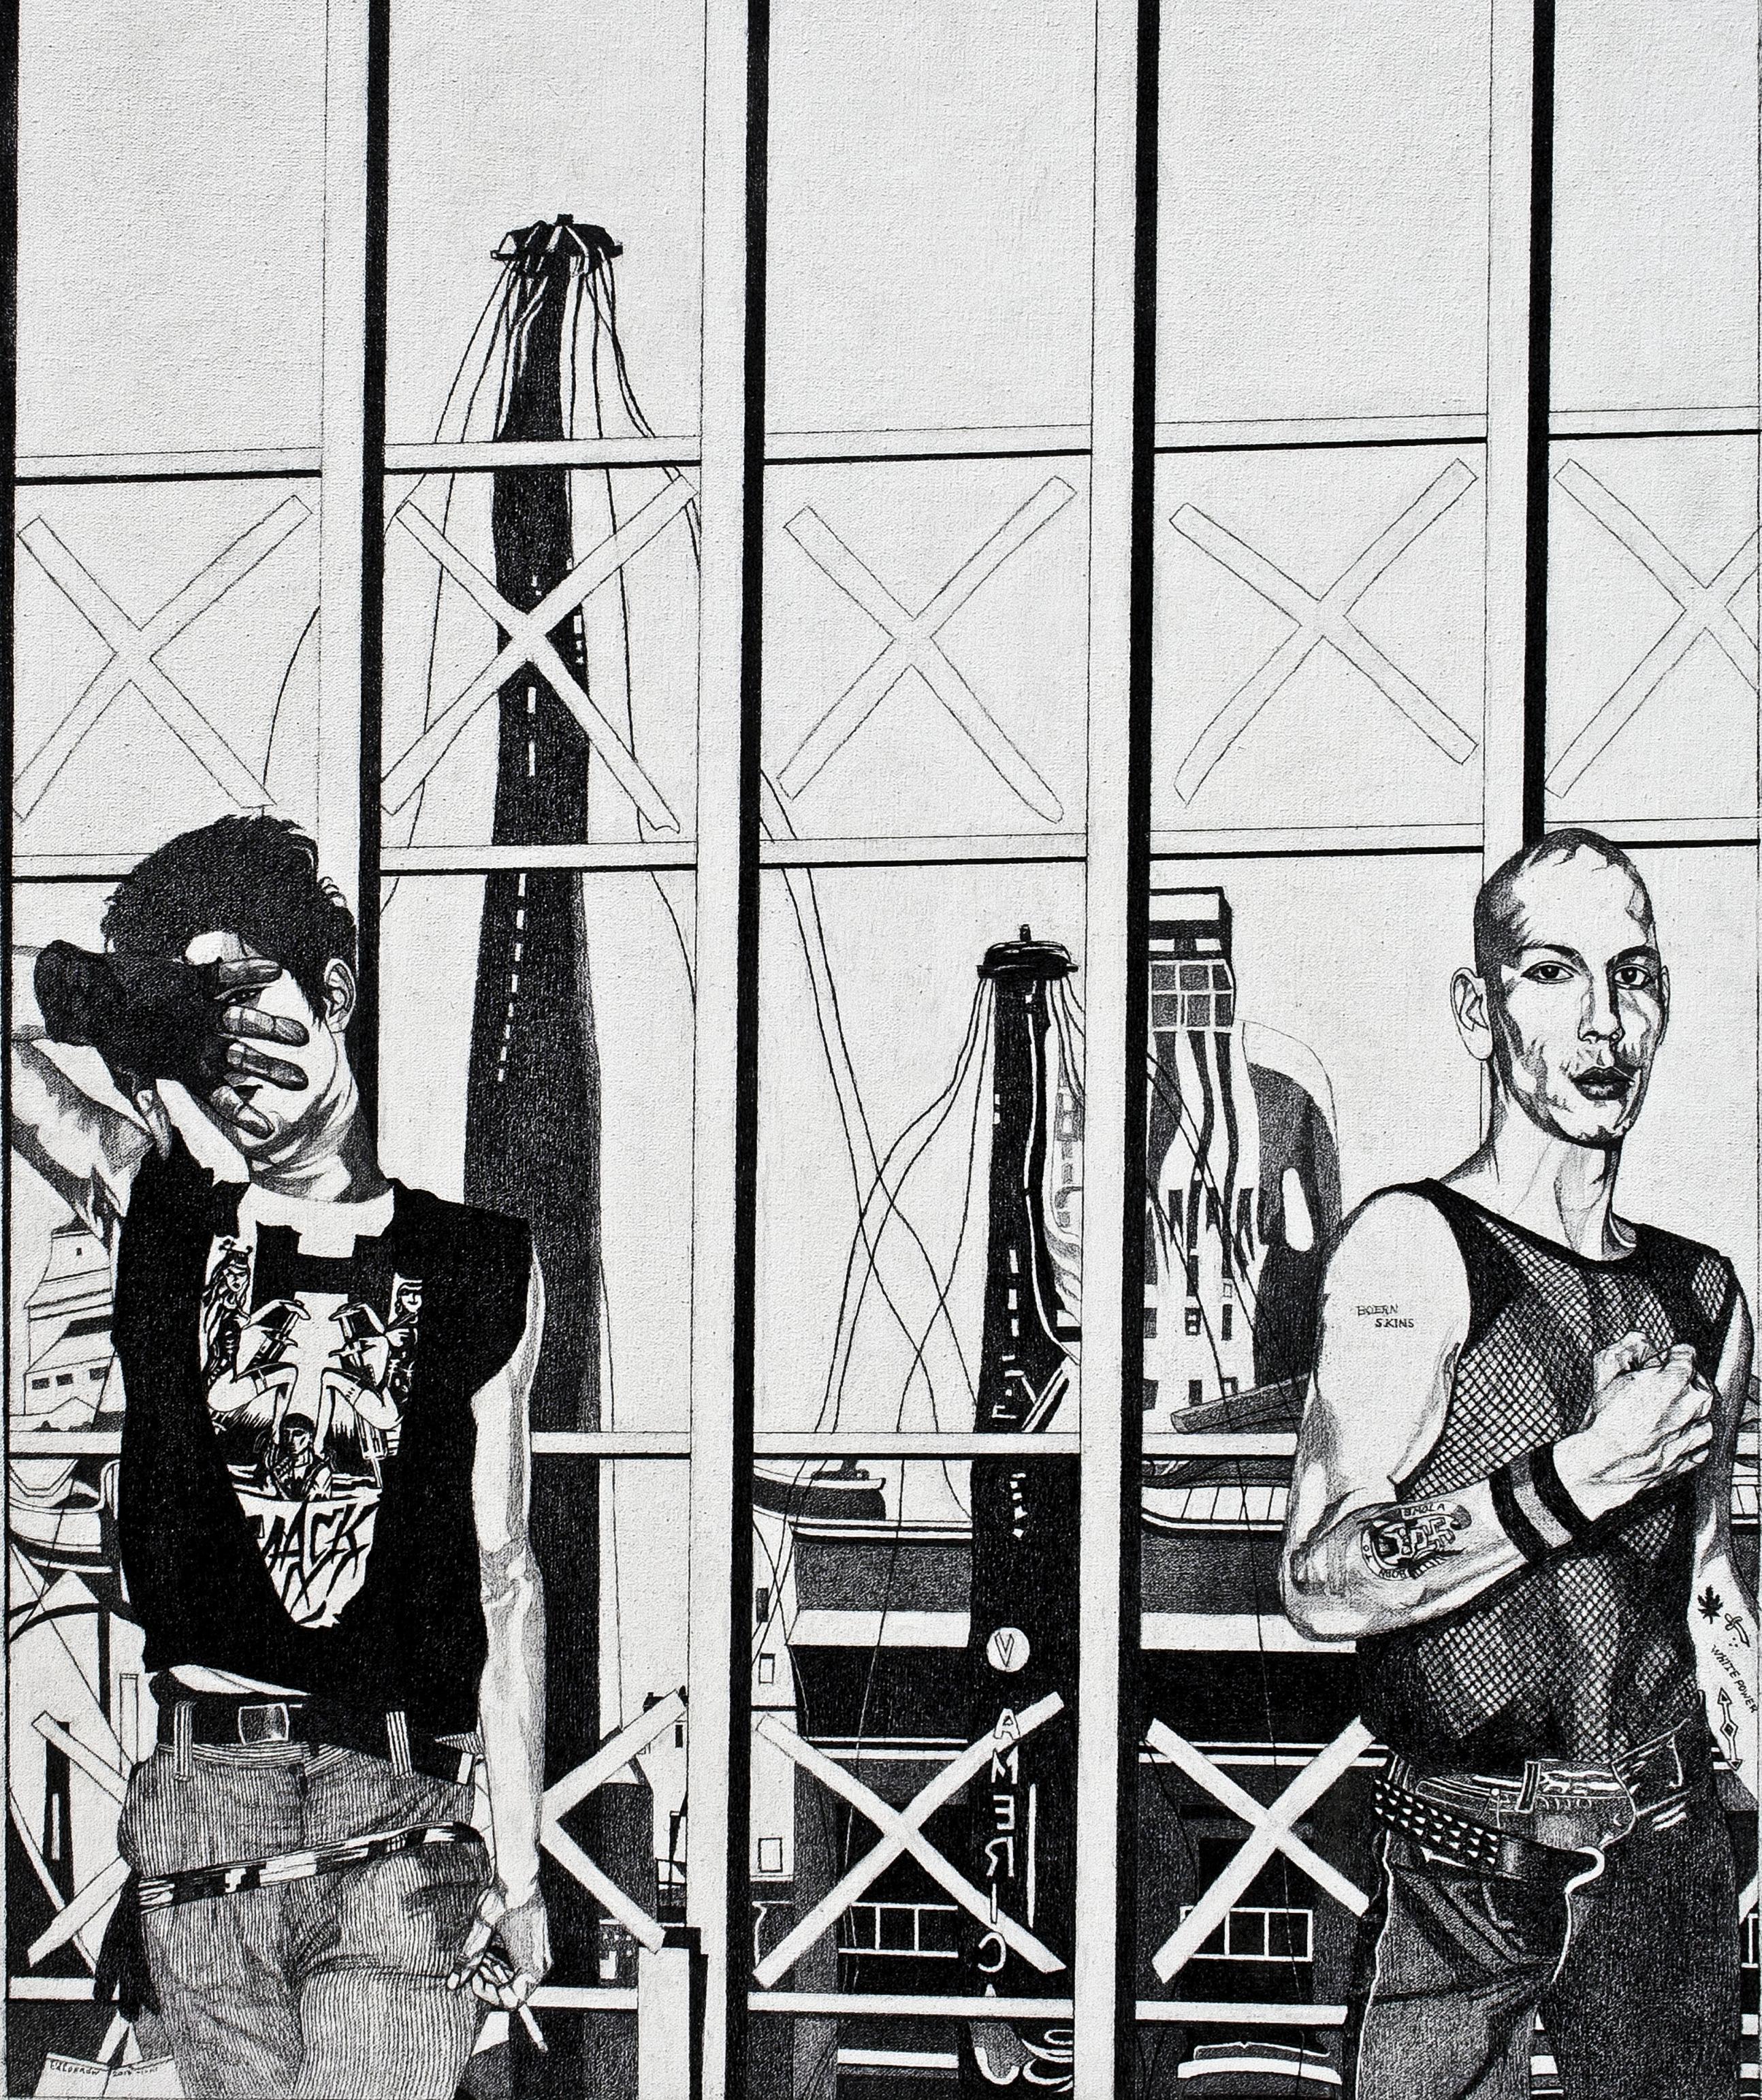 La ventana (2017) - Tito Calderón